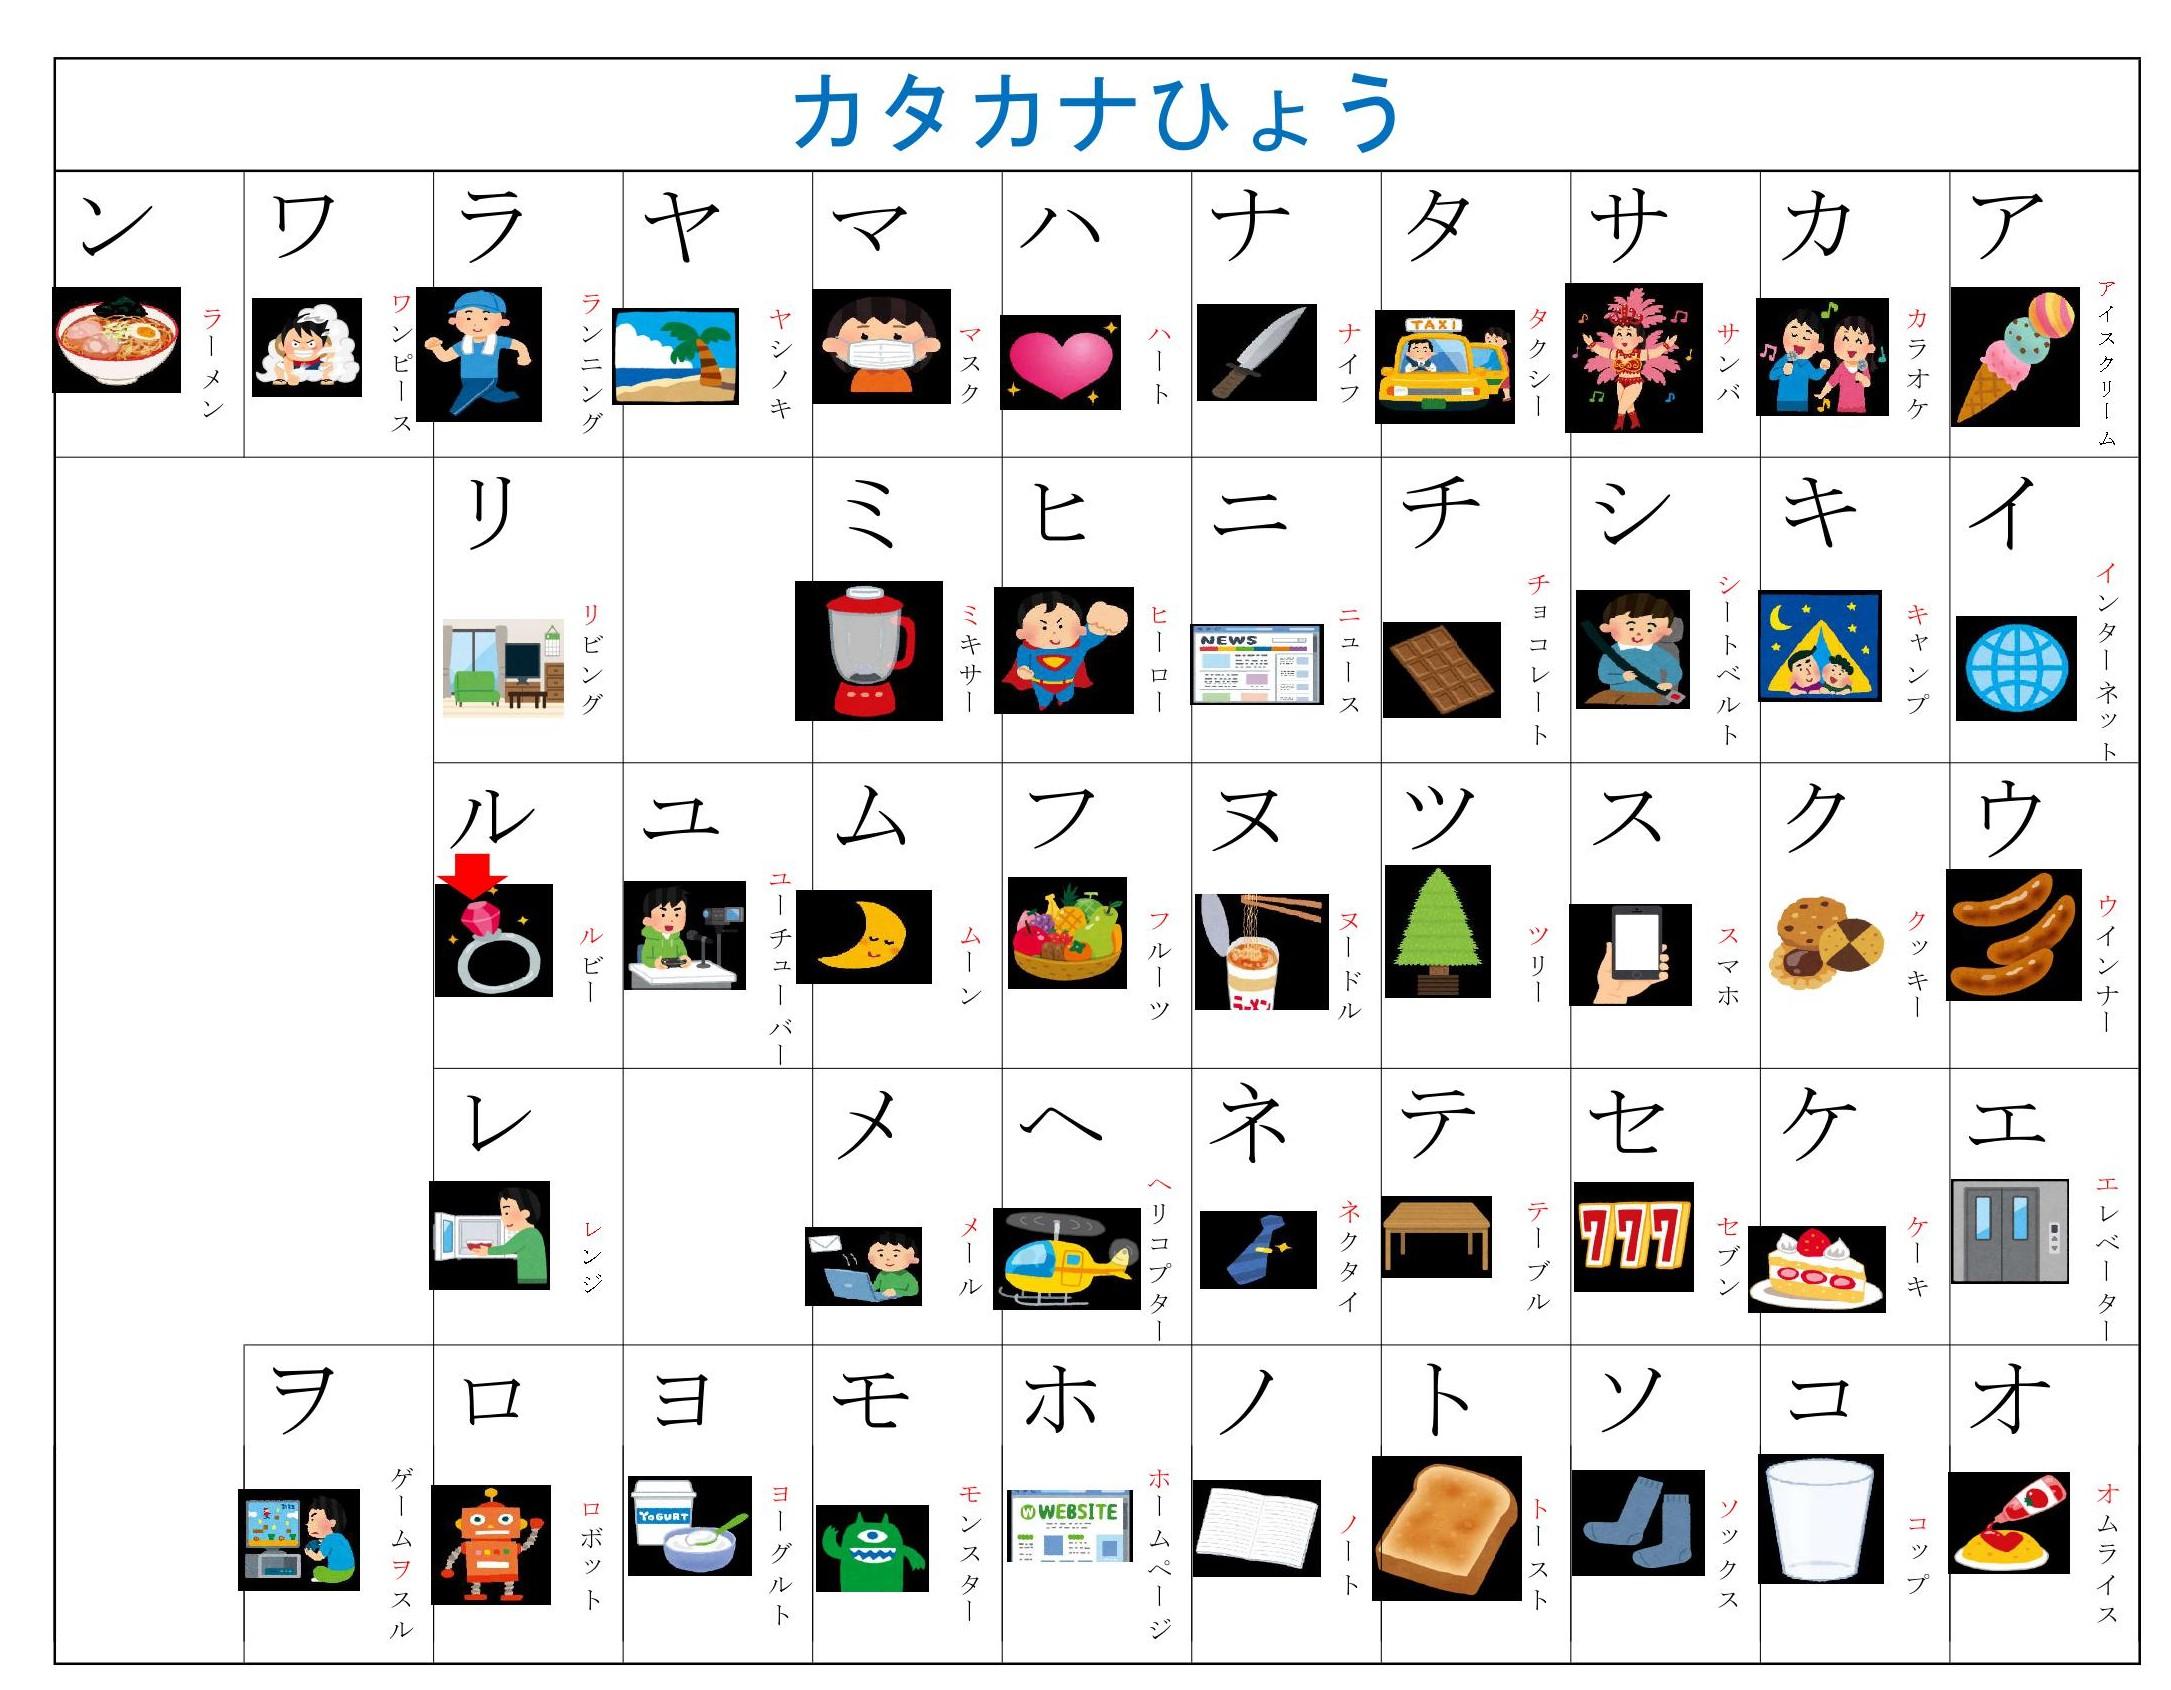 Tabela de Katakana - Berlitz